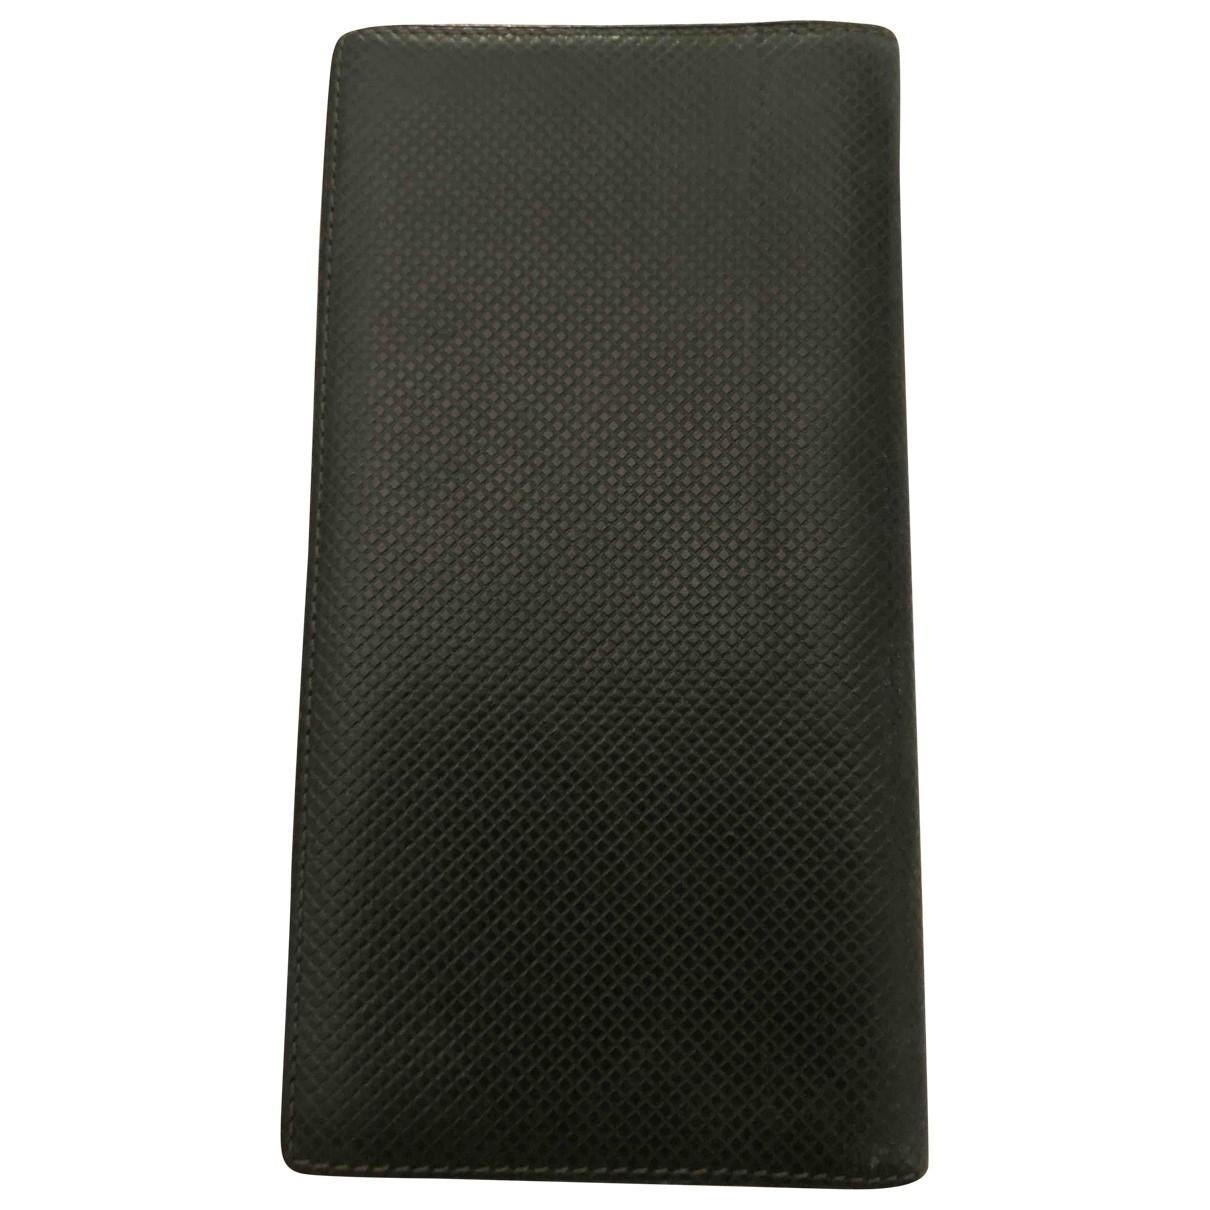 Bottega Veneta \N Green Leather Purses, wallet & cases for Women \N